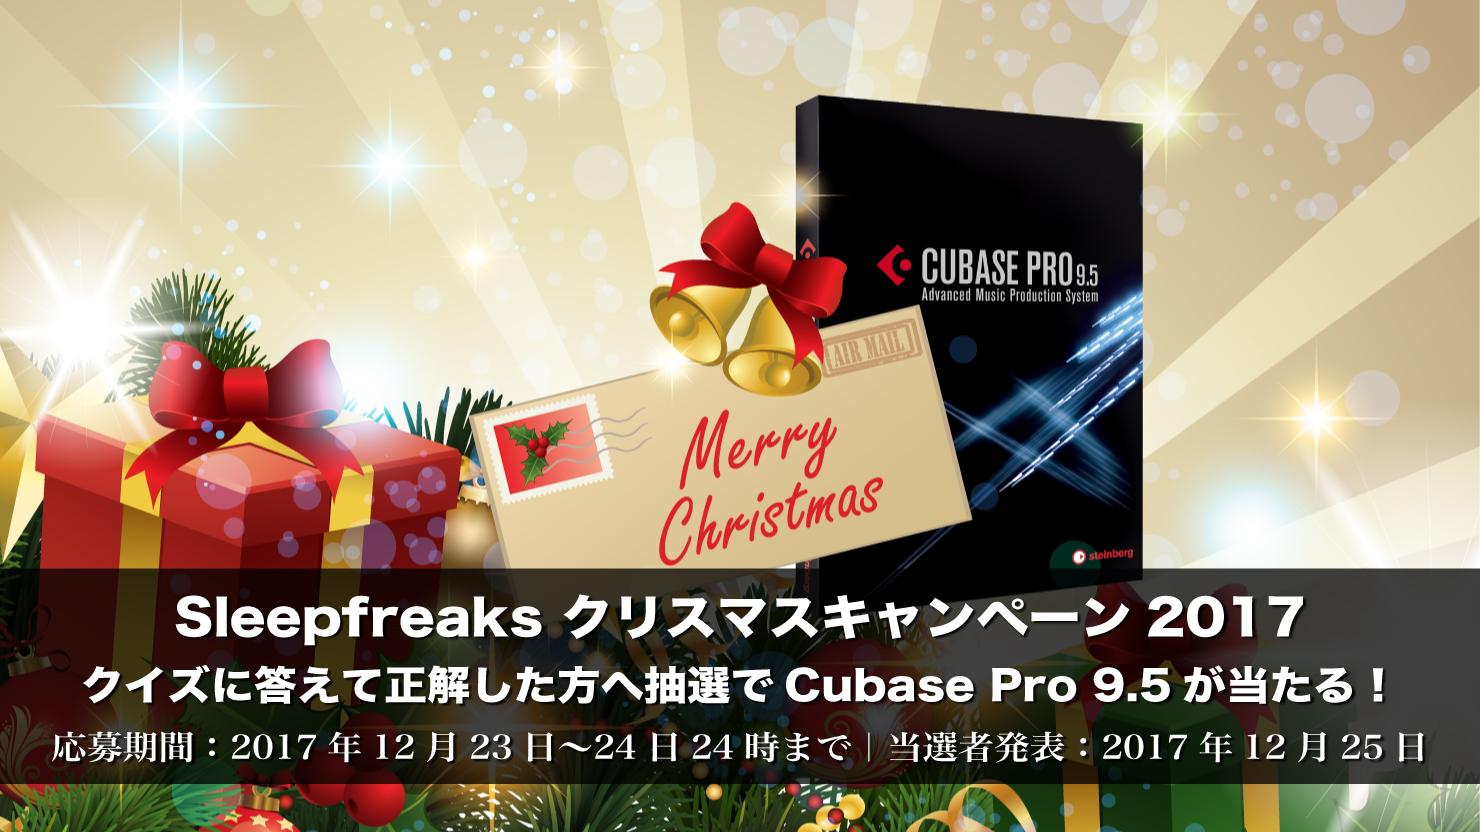 【12月23日/24日限定】抽選で「Cubase Pro 9.5」をプレゼント!Sleepfreaks クリスマスキャンペーン2017